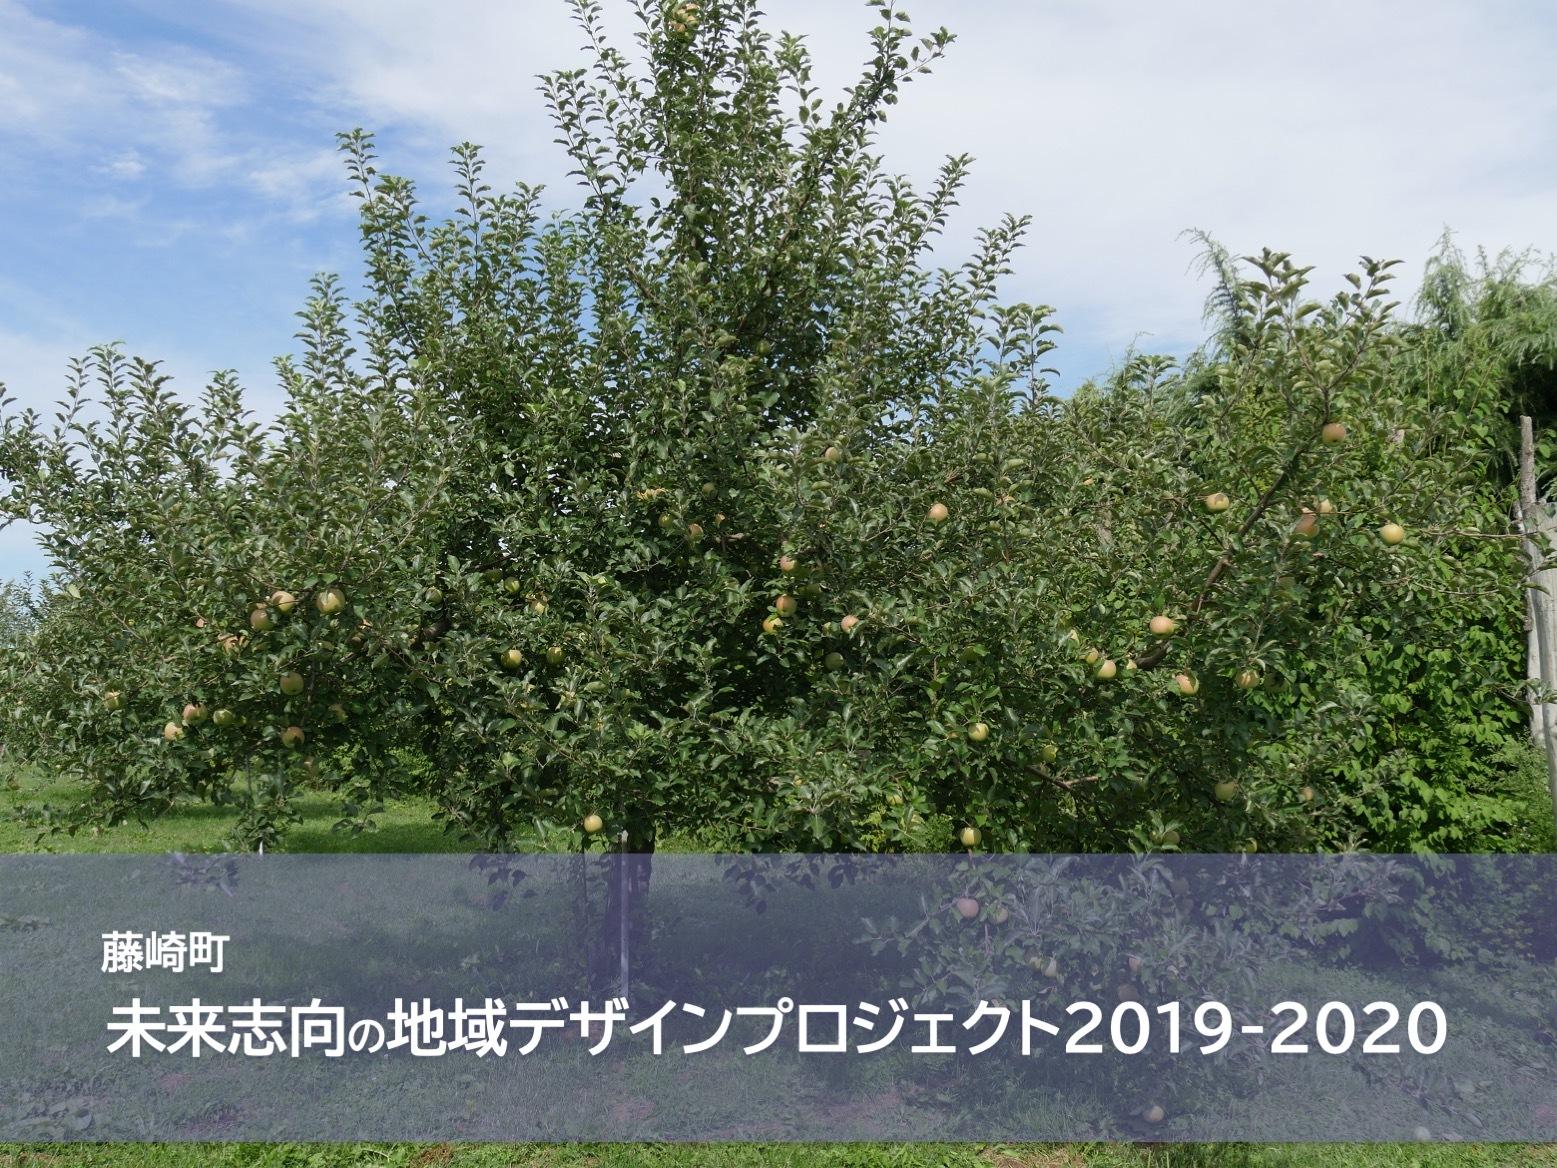 役場 藤崎 町